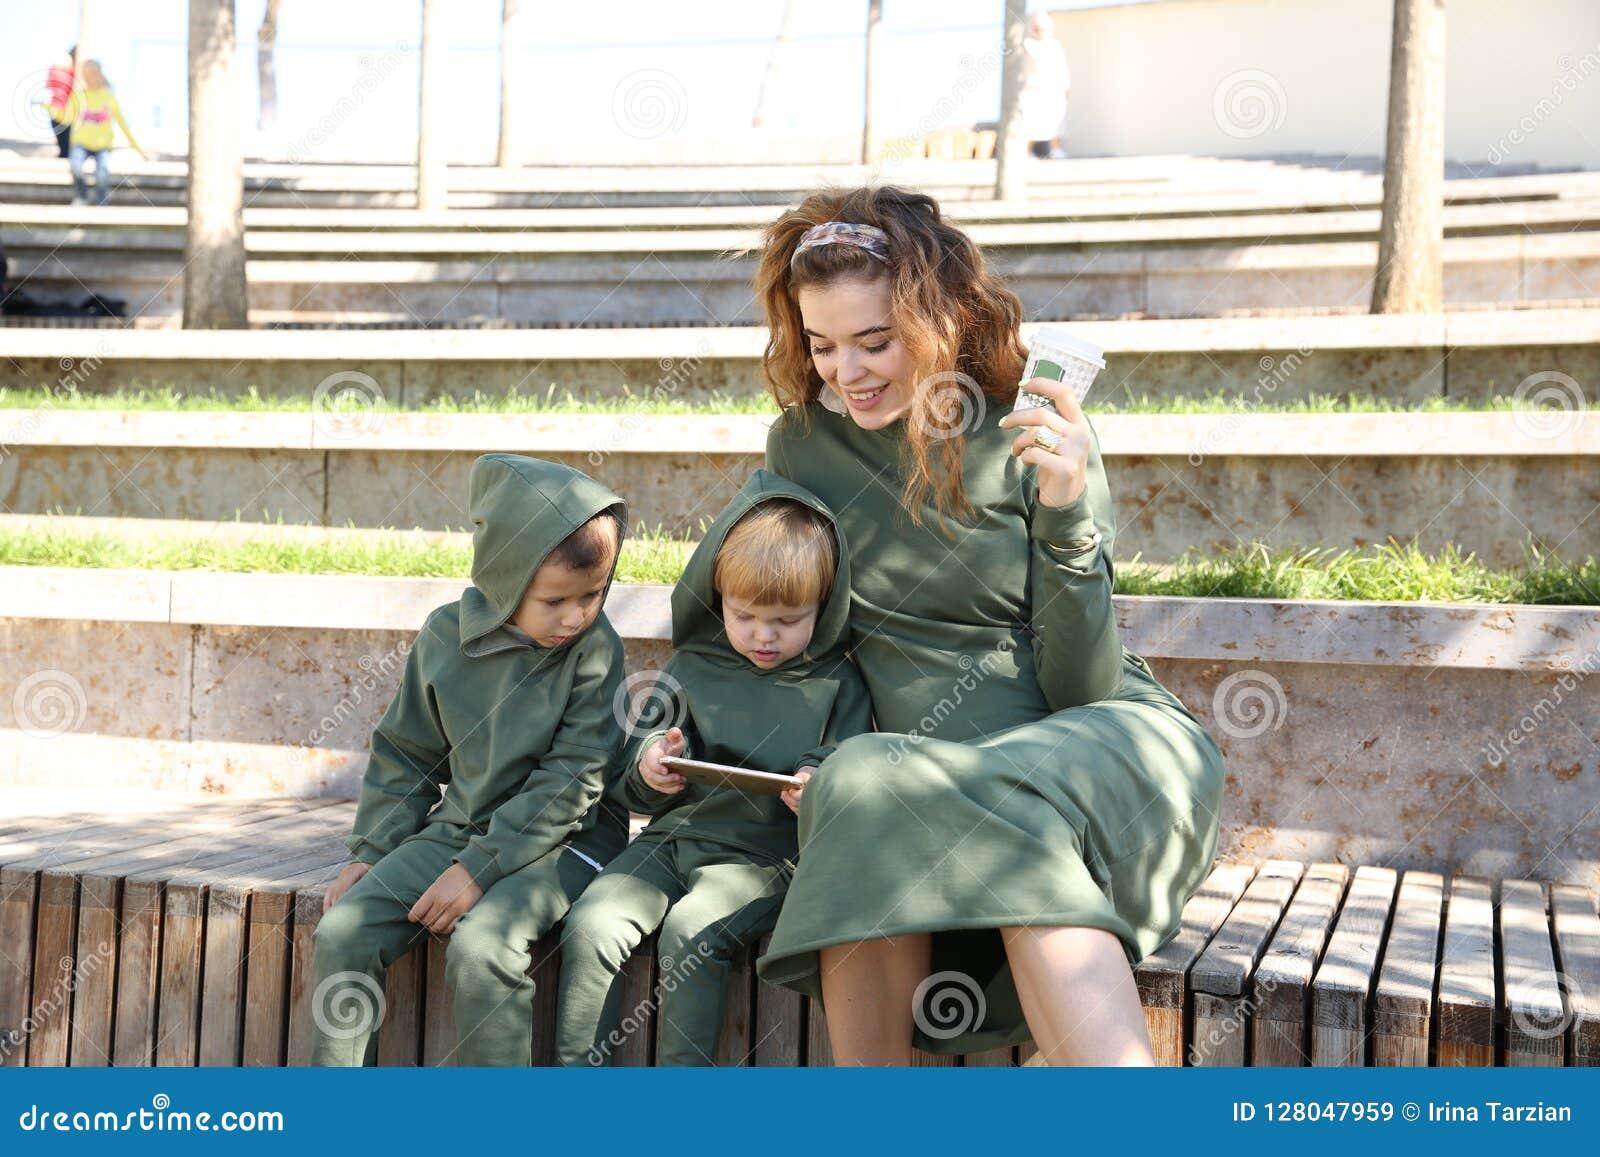 Η ευτυχής μητέρα με τα παιδιά στη μοντέρνη οικογένεια ενδυμάτων κοιτάζει σε ένα πάρκο